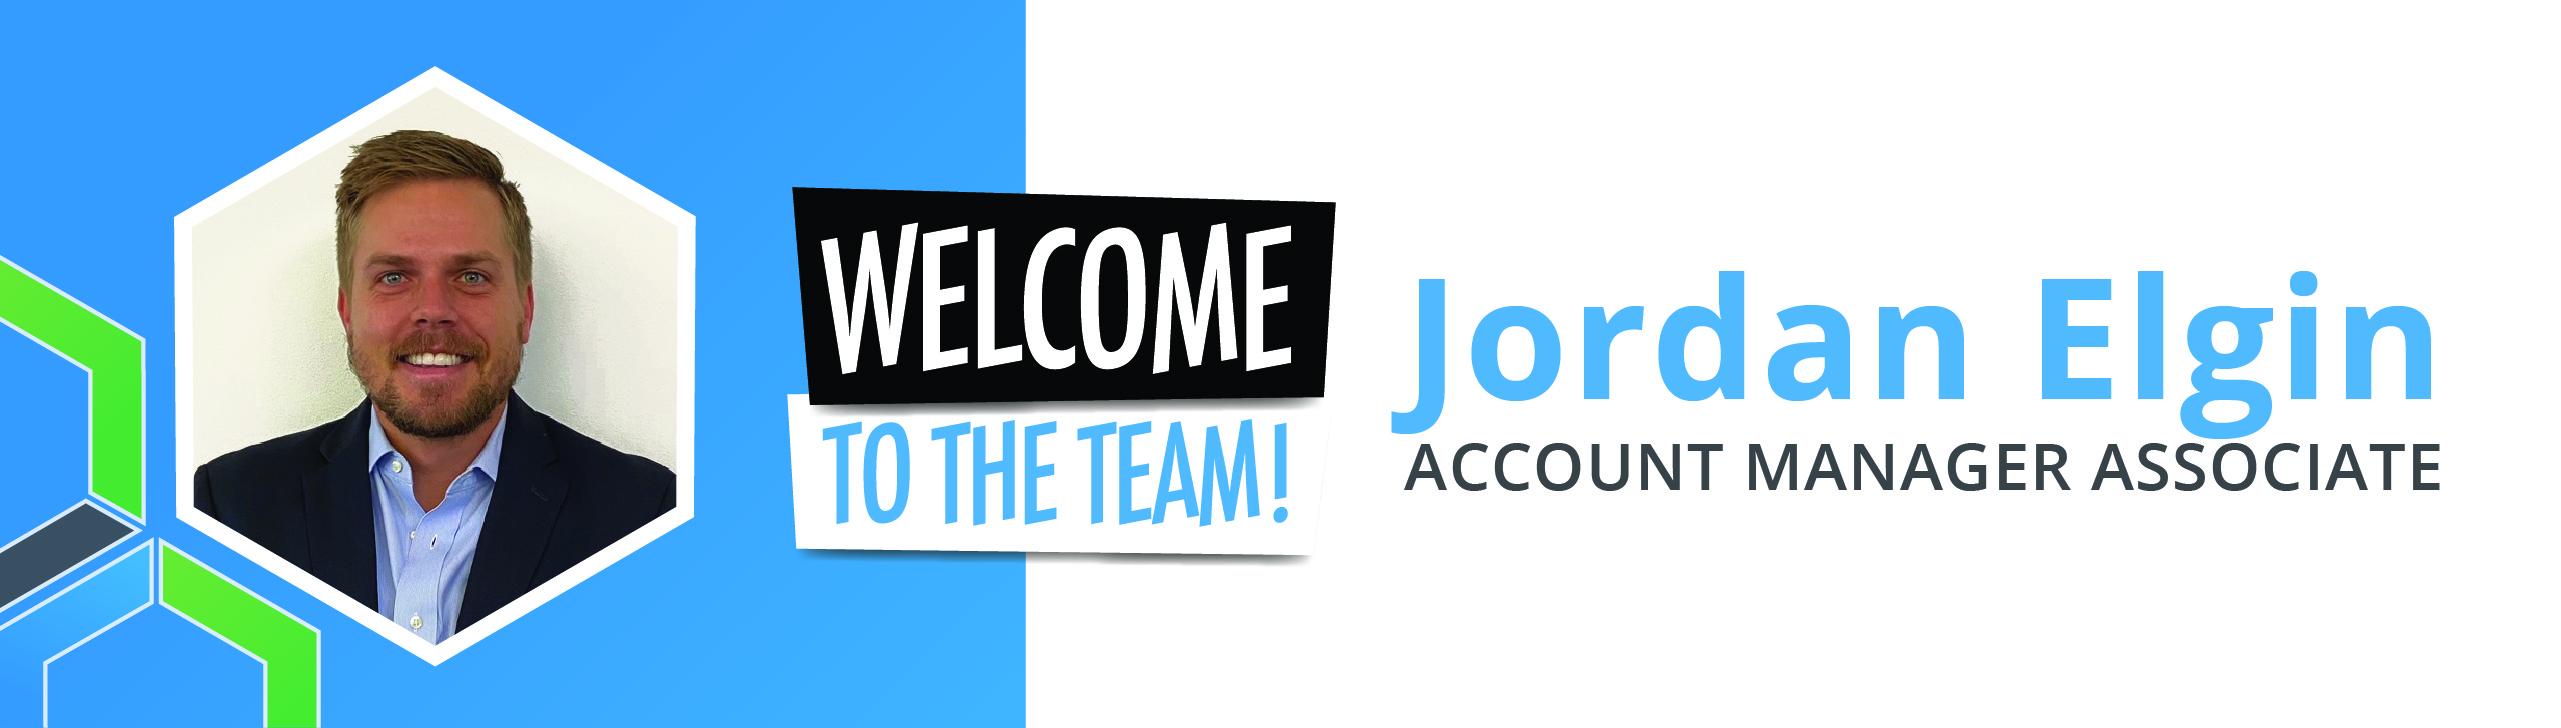 Welcome Jordan